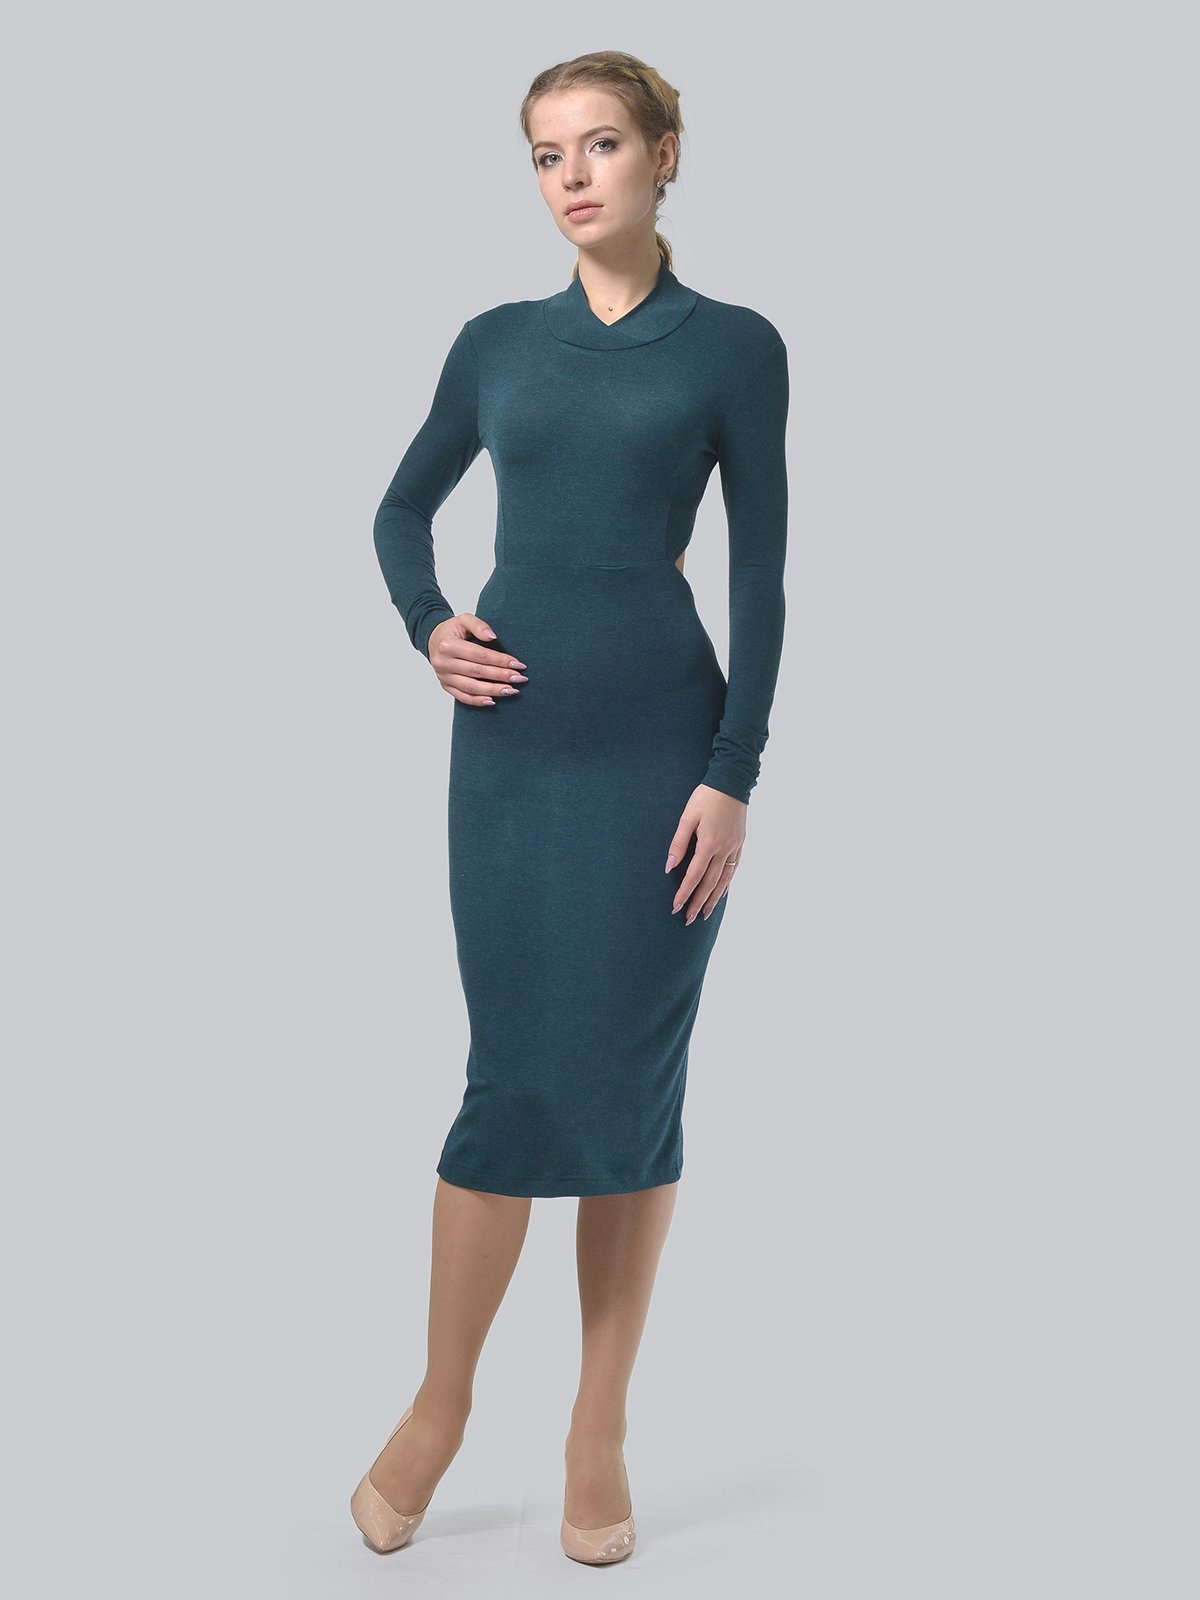 Платье темно-зеленое   3692902   фото 2